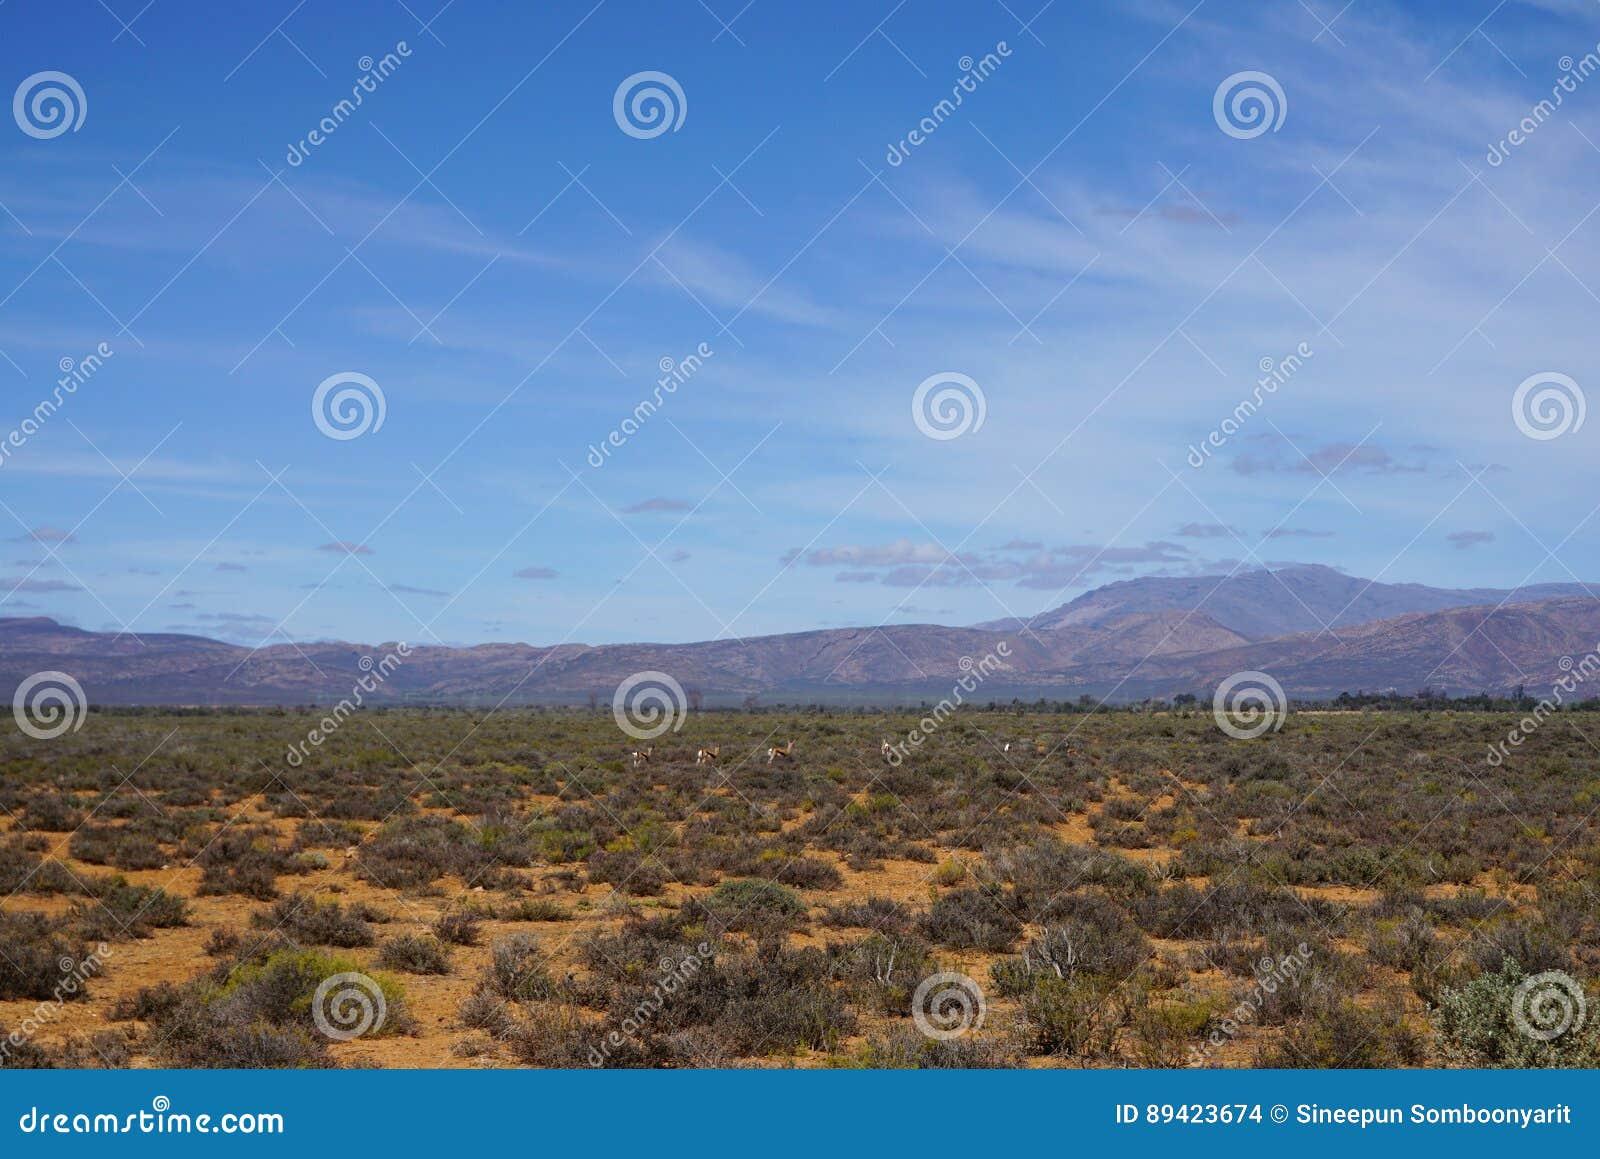 Paisagem do safari de África com o backgrou do rio, do prado e da montanha